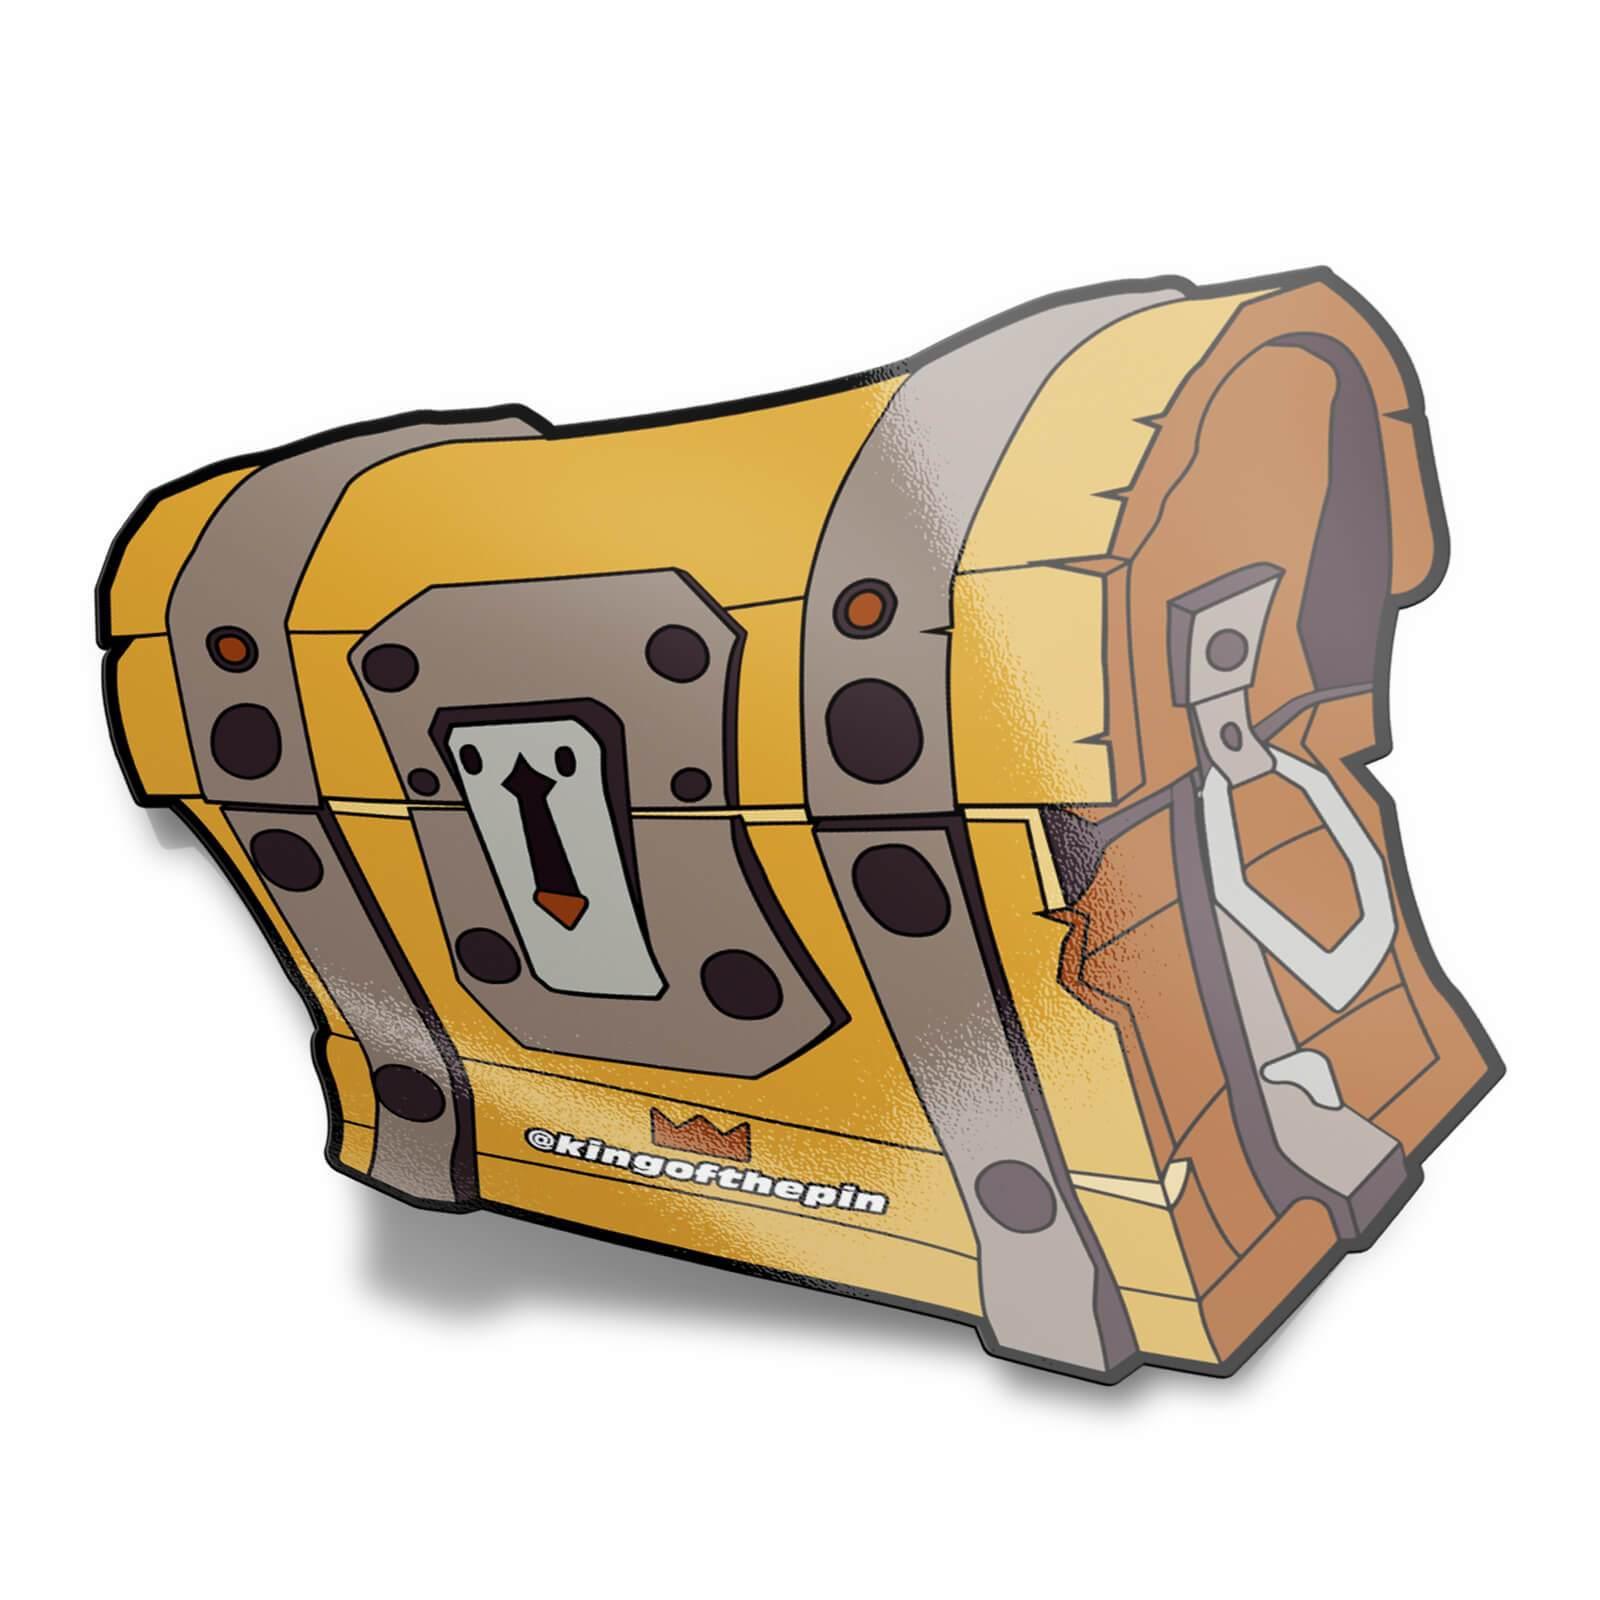 Fortnite clipart chest. Sticker